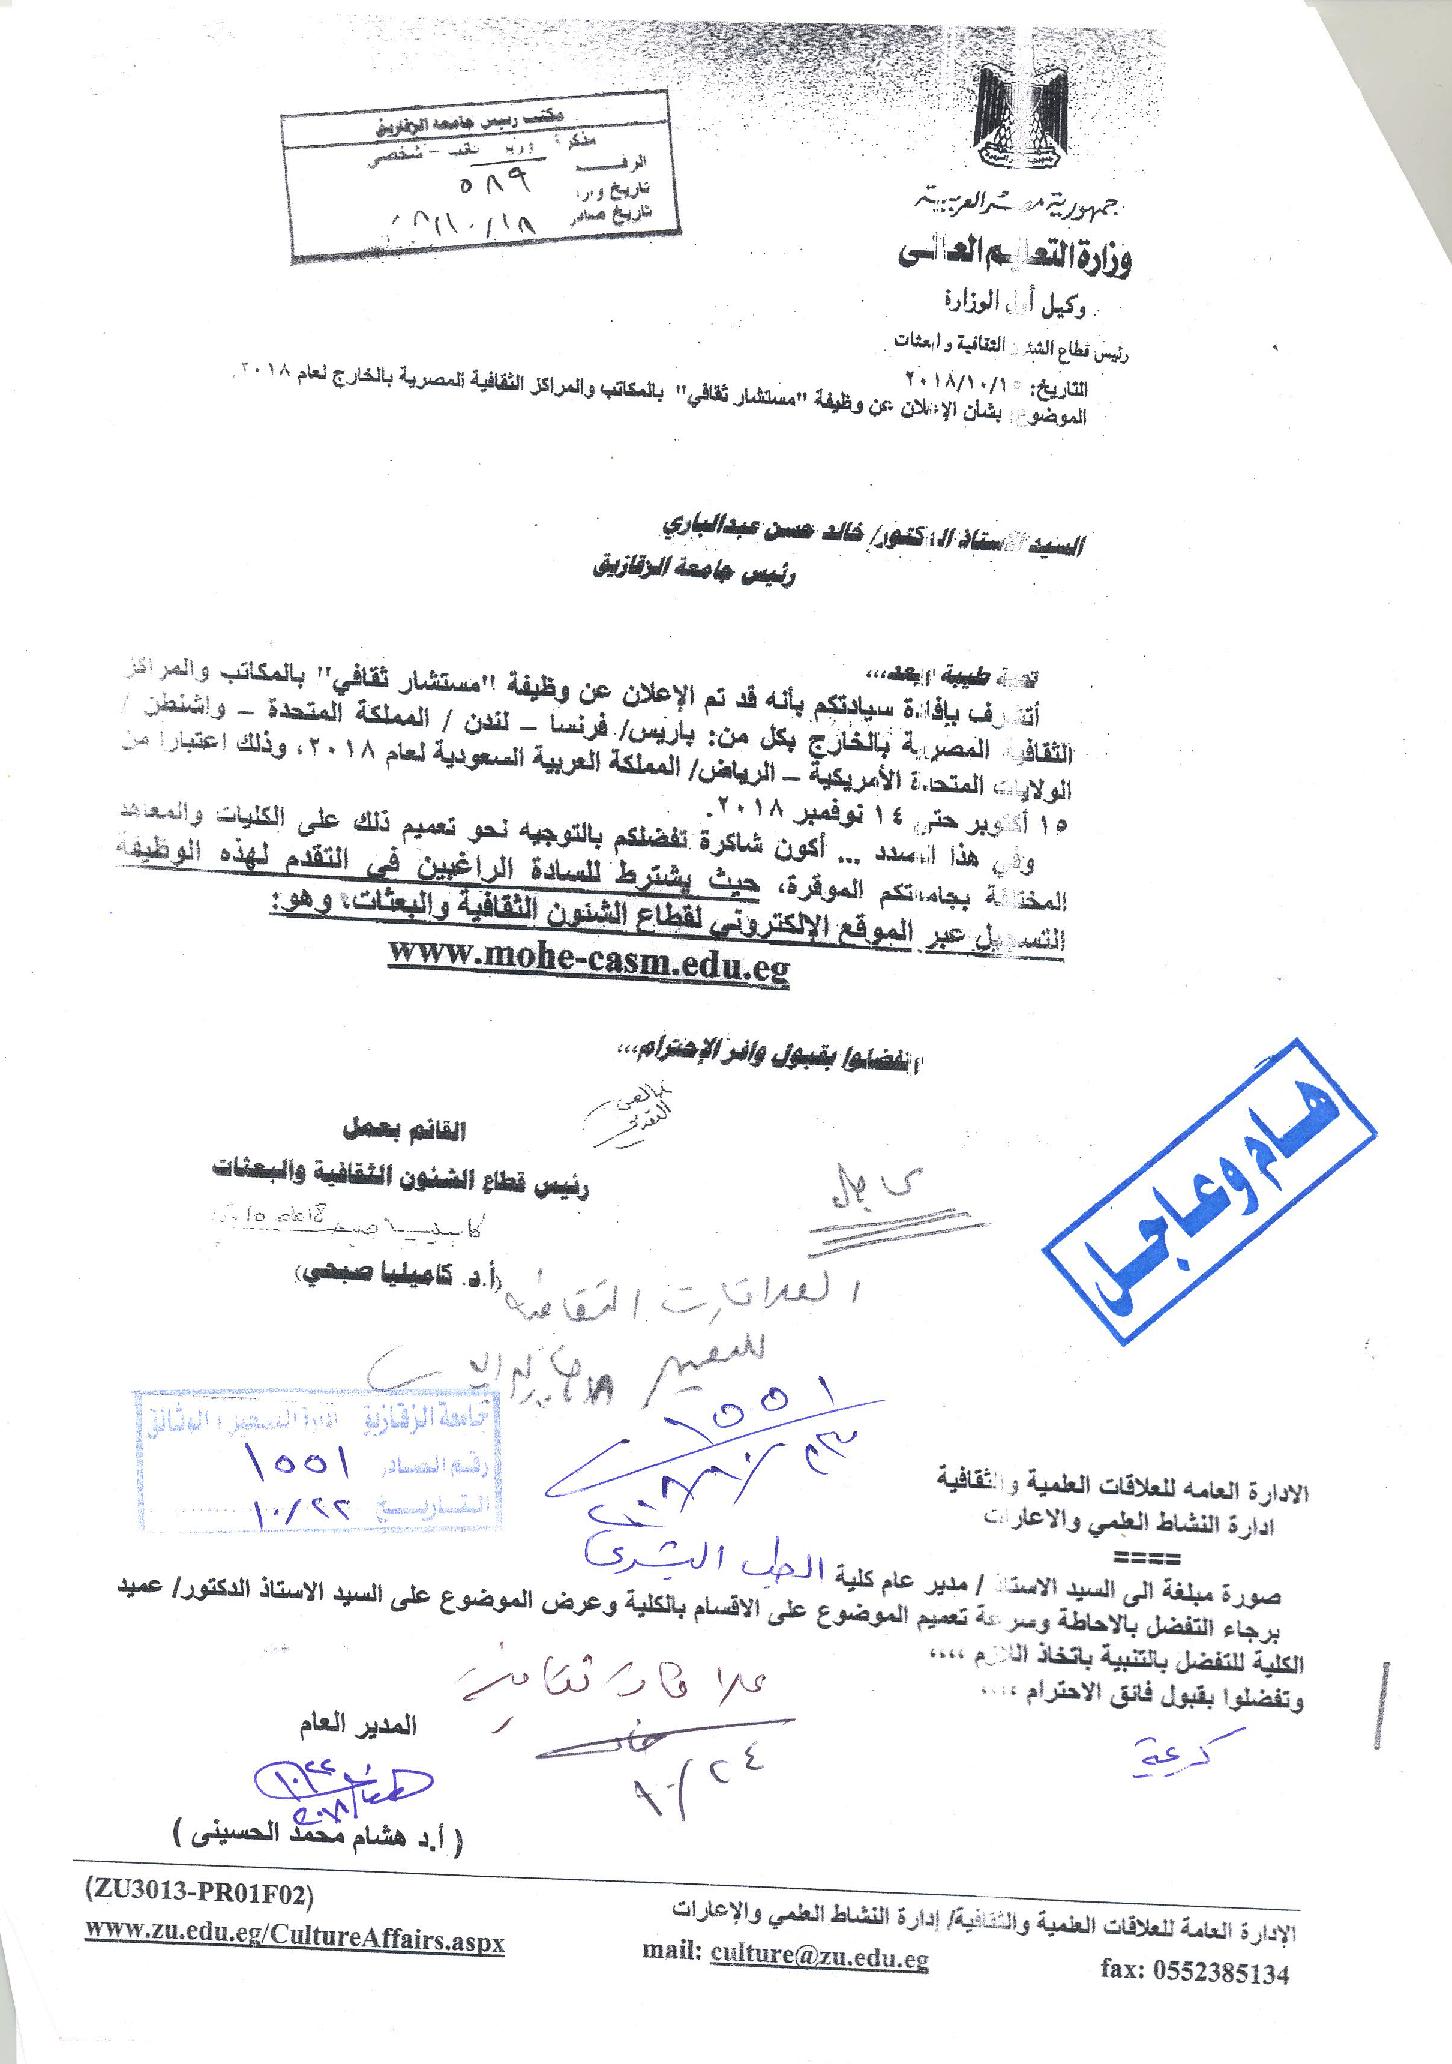 الاعلان عن وظيفة مستشار ثقافى بالمراكز الثقافيه المصريه بالخارج